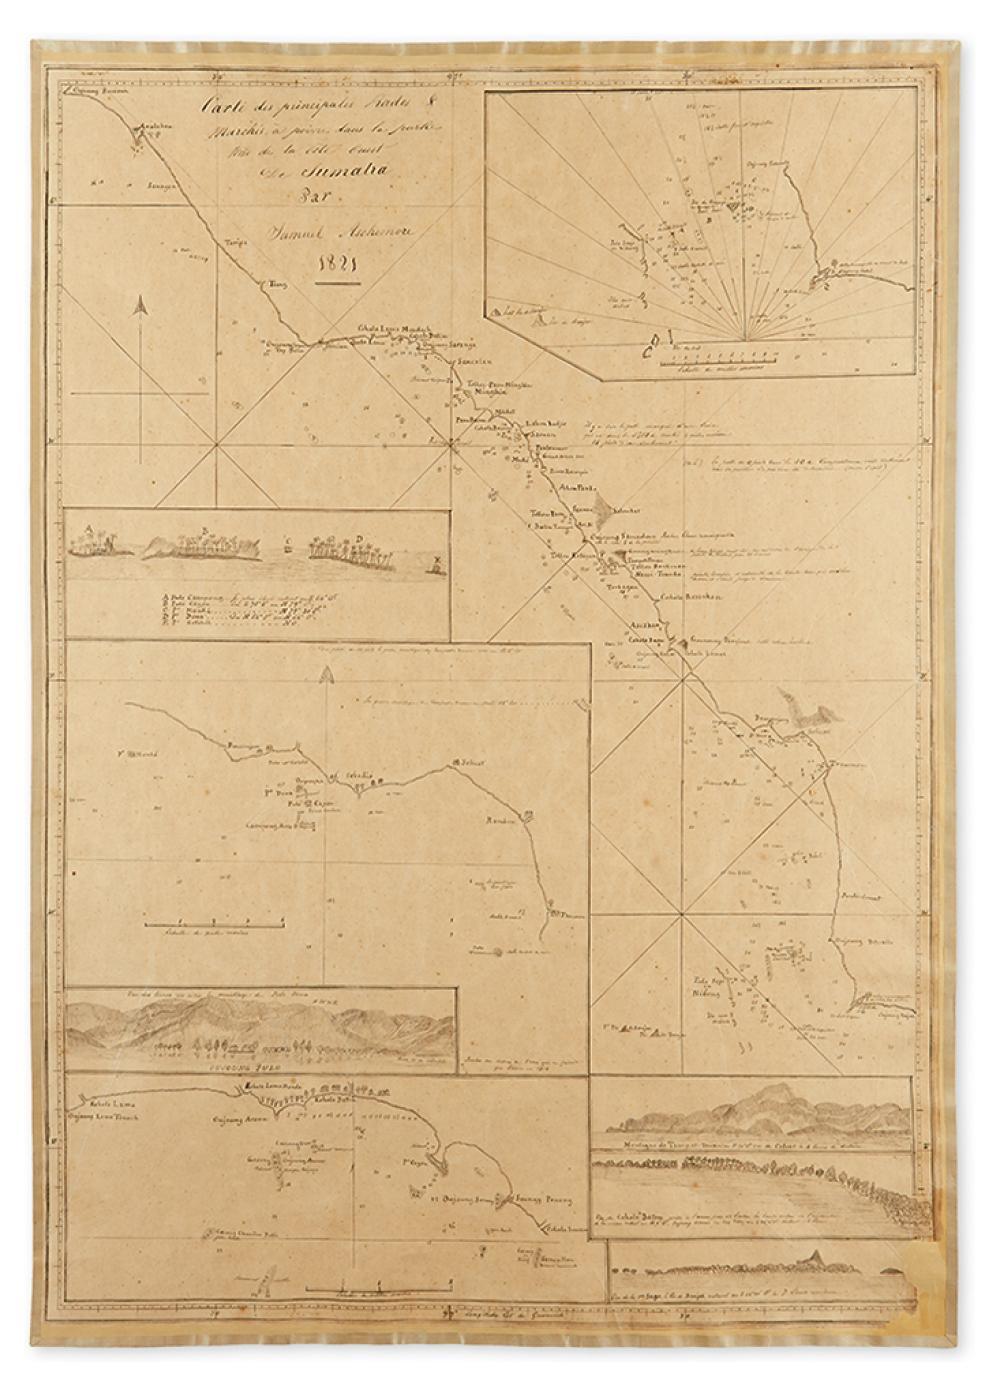 (SUMATRA - MANUSCRIPT MAP.) Ashmore, Samuel. Carte des Principales Rades & Marches a Poivre dans la Partie Nord